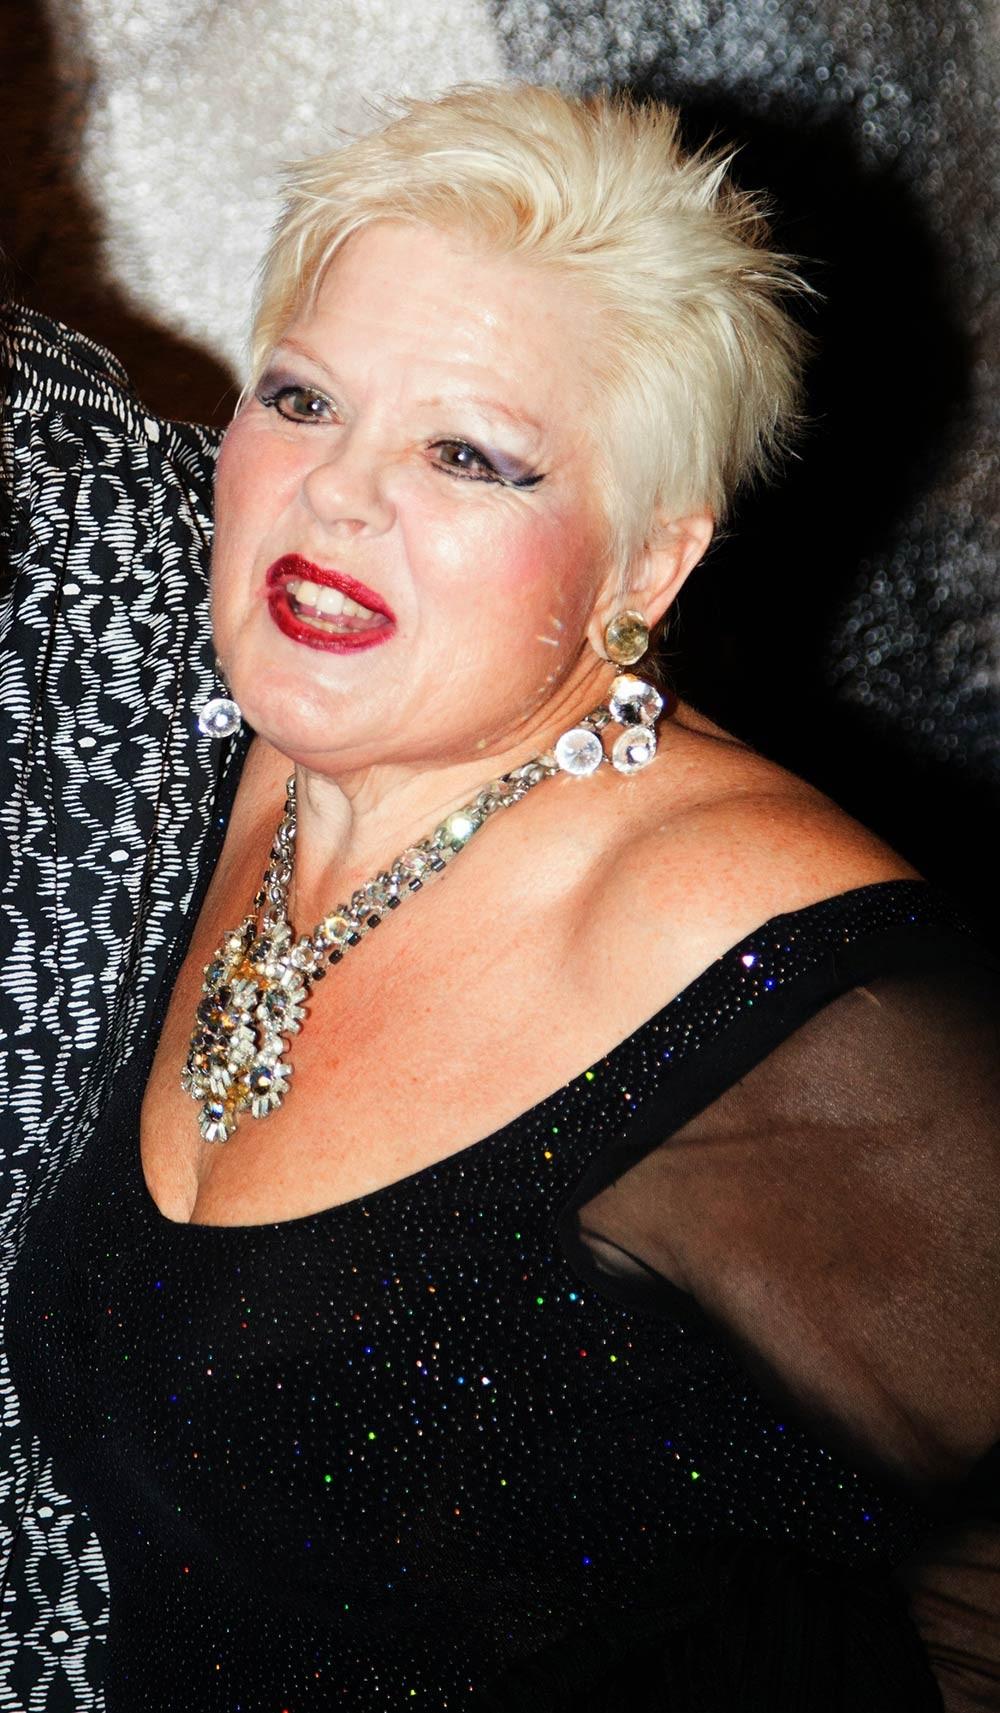 Singer Irene Soderberg